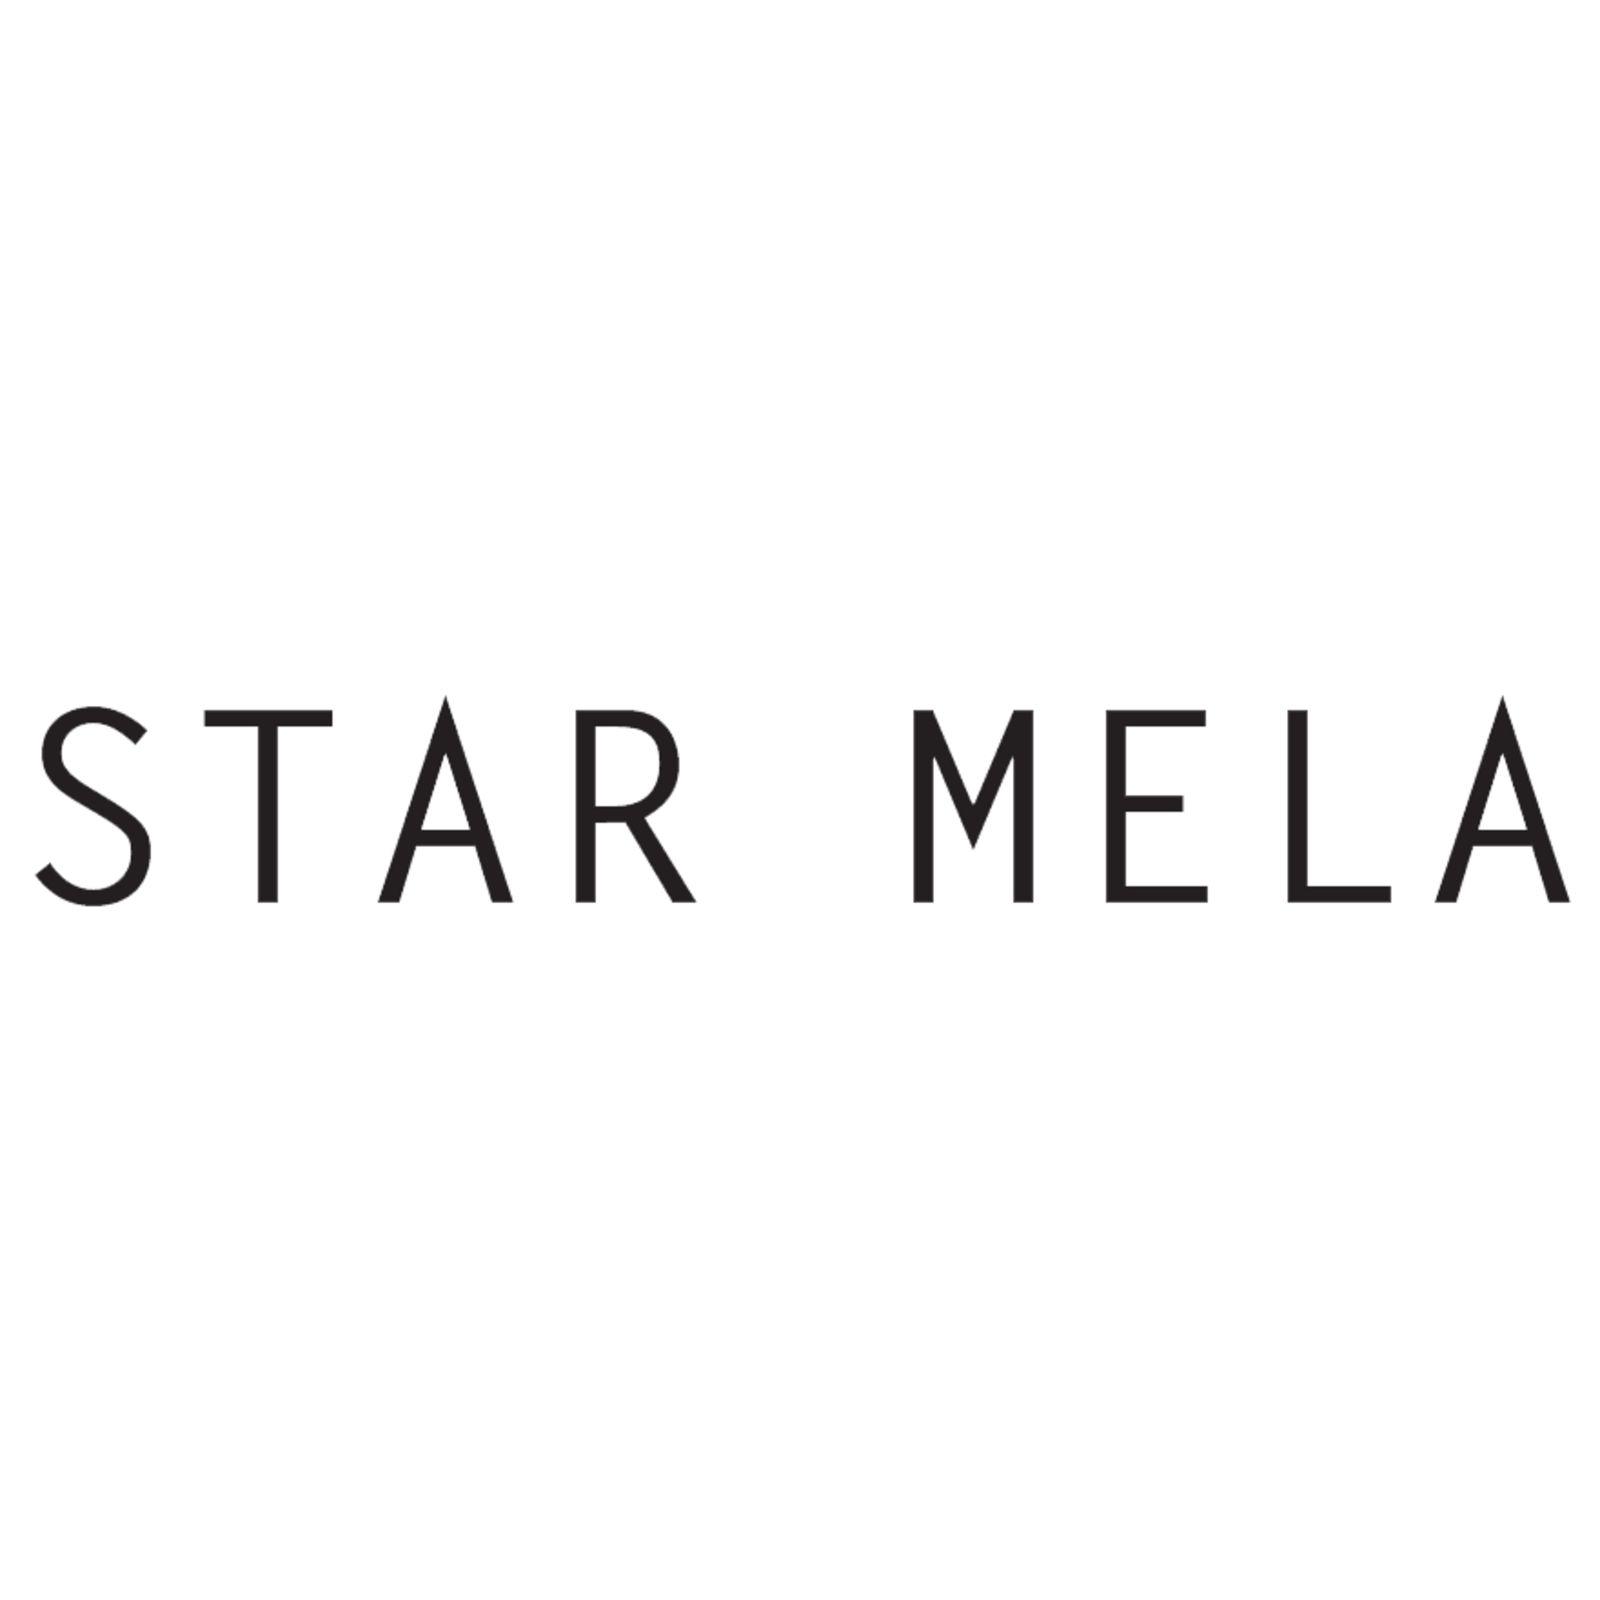 STAR MELA